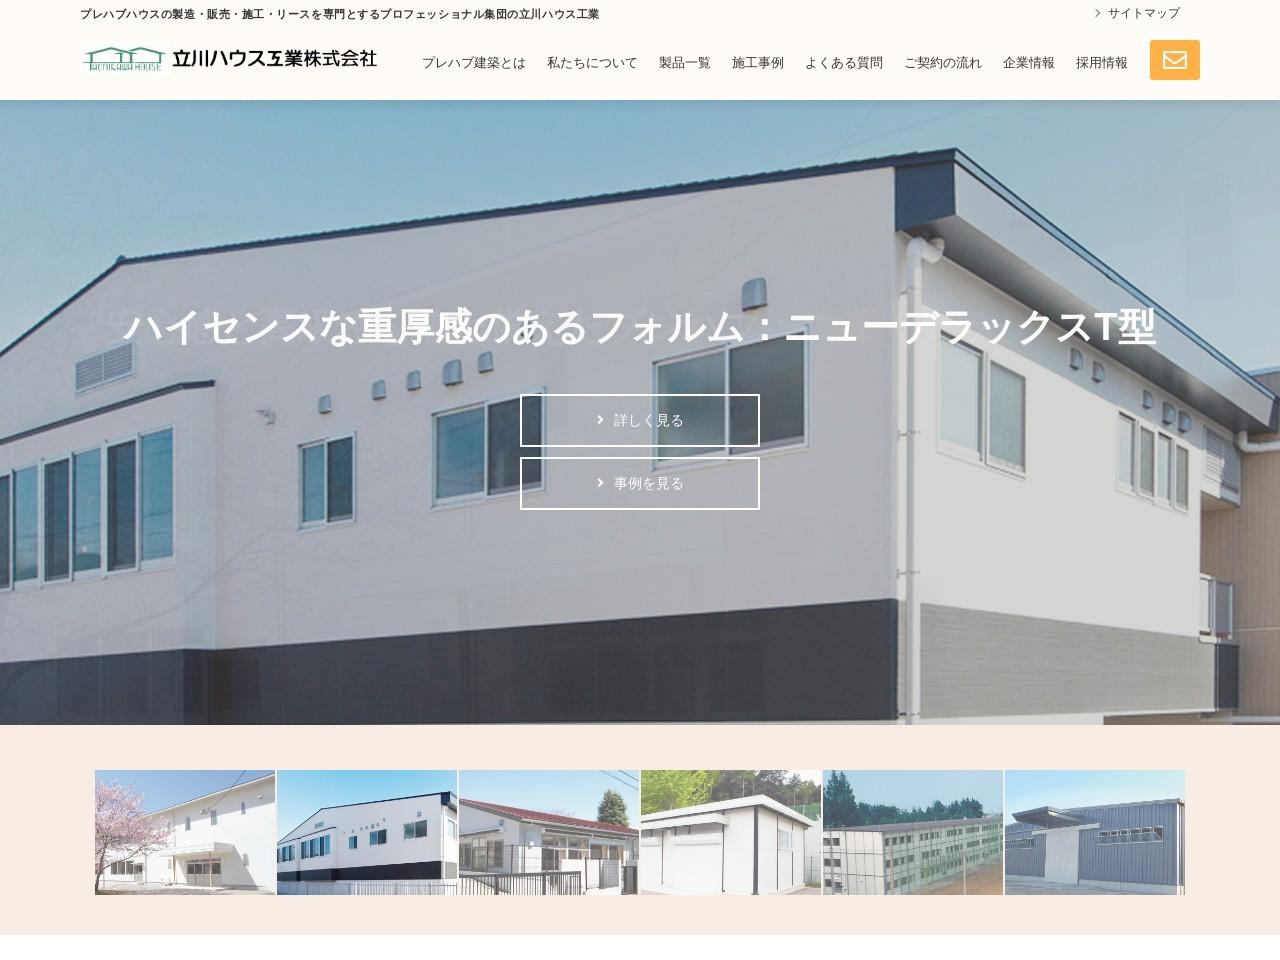 立川ハウス工業株式会社多摩営業所